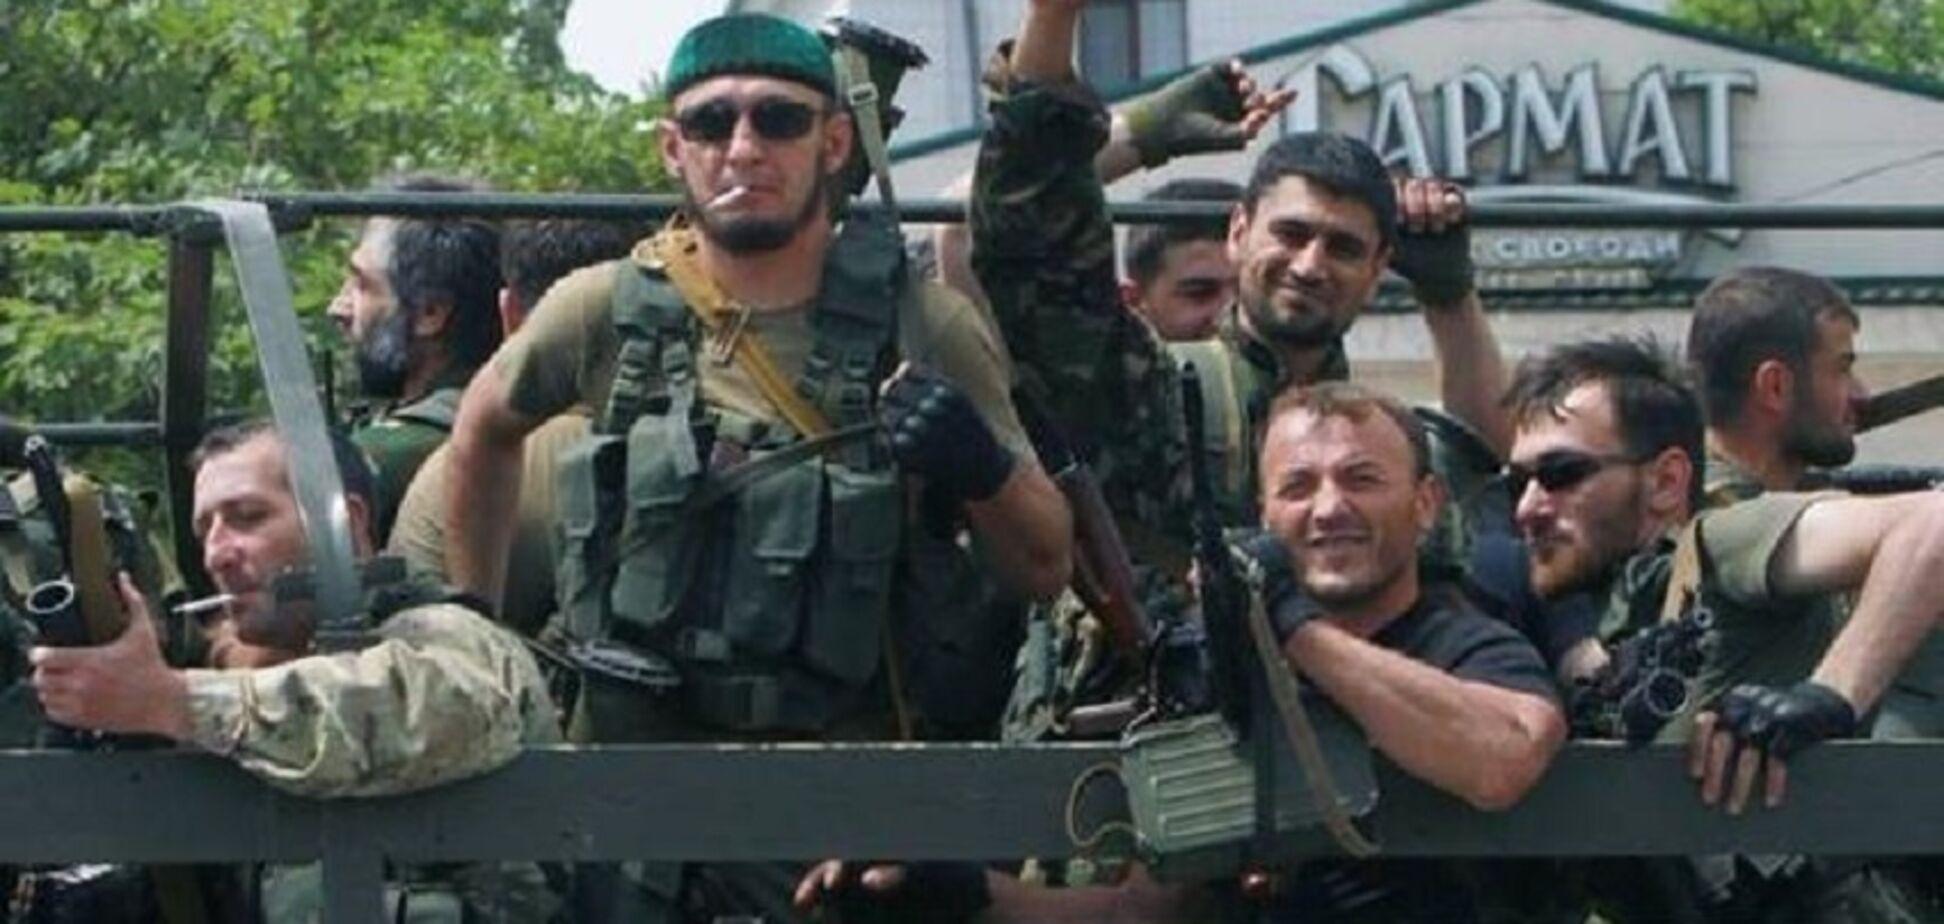 Сурков для сохранения власти загоняет в ''ДНР'' кадыровцев